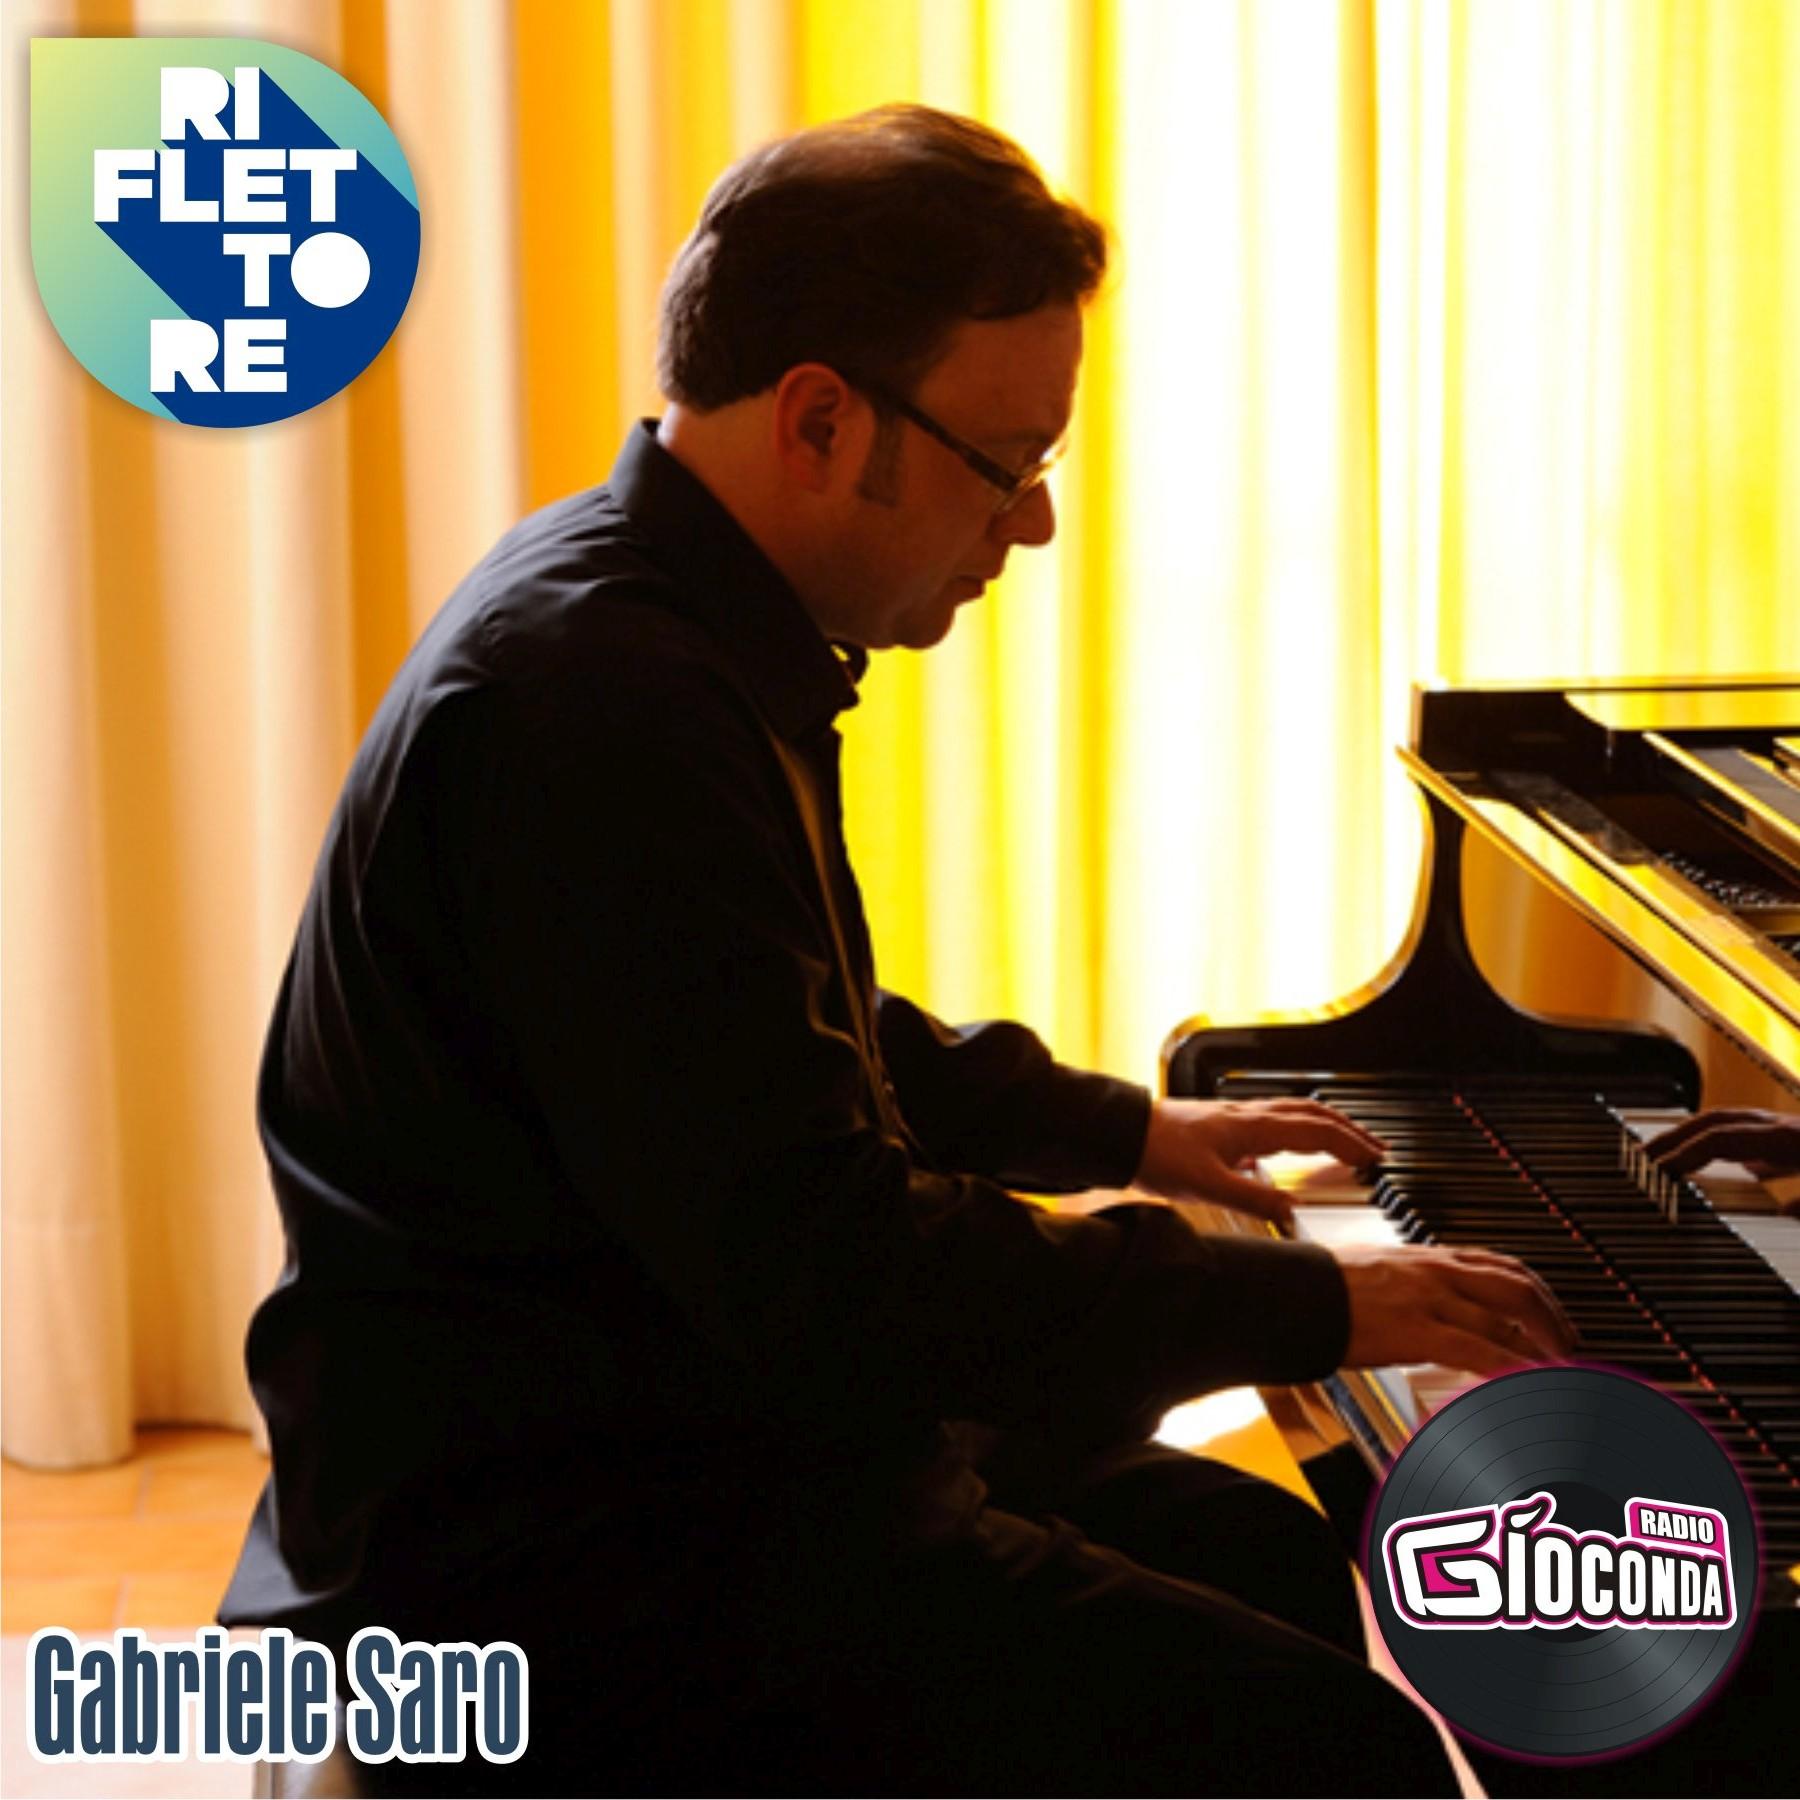 Riflettore con il musicista e compositore Gabriele Saro